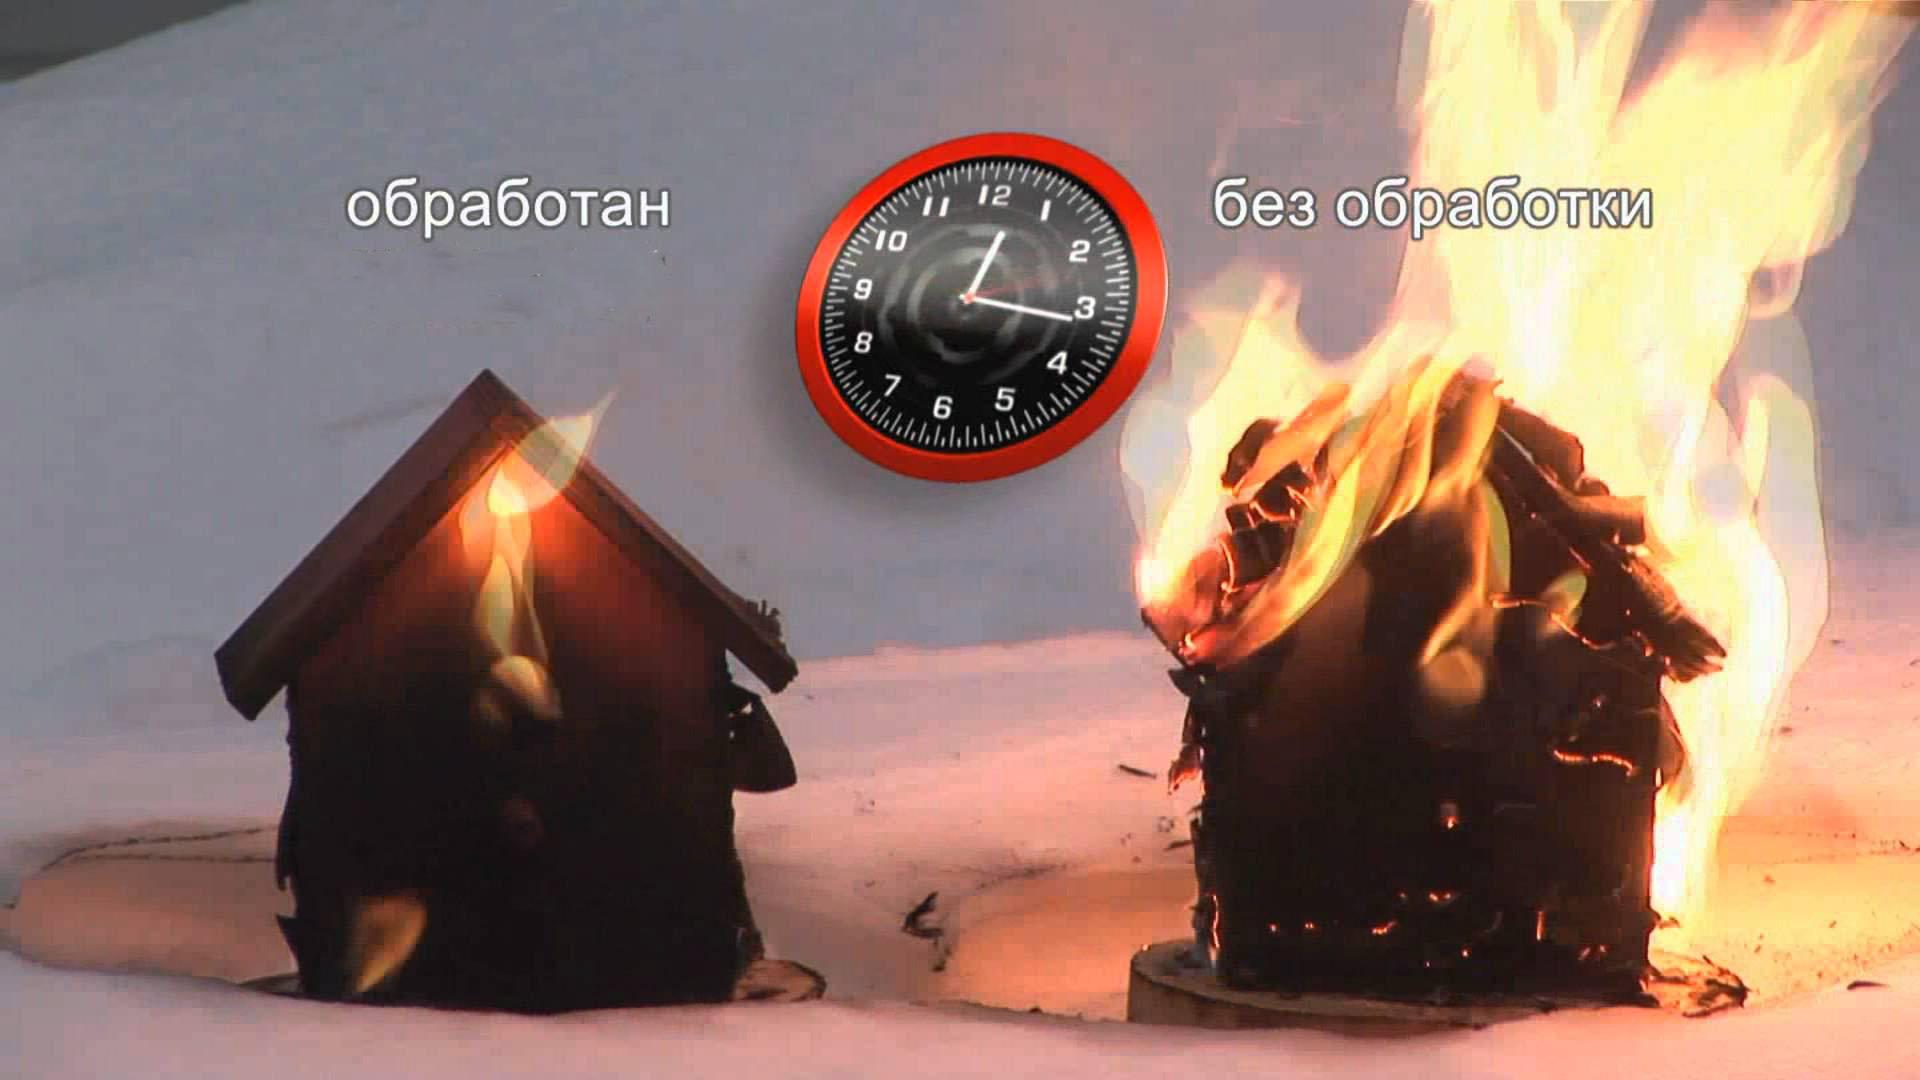 Наличие огнеобработки на конструкции обеспечивает дополнительное время на тушение, на безопасную эвакуацию людей.